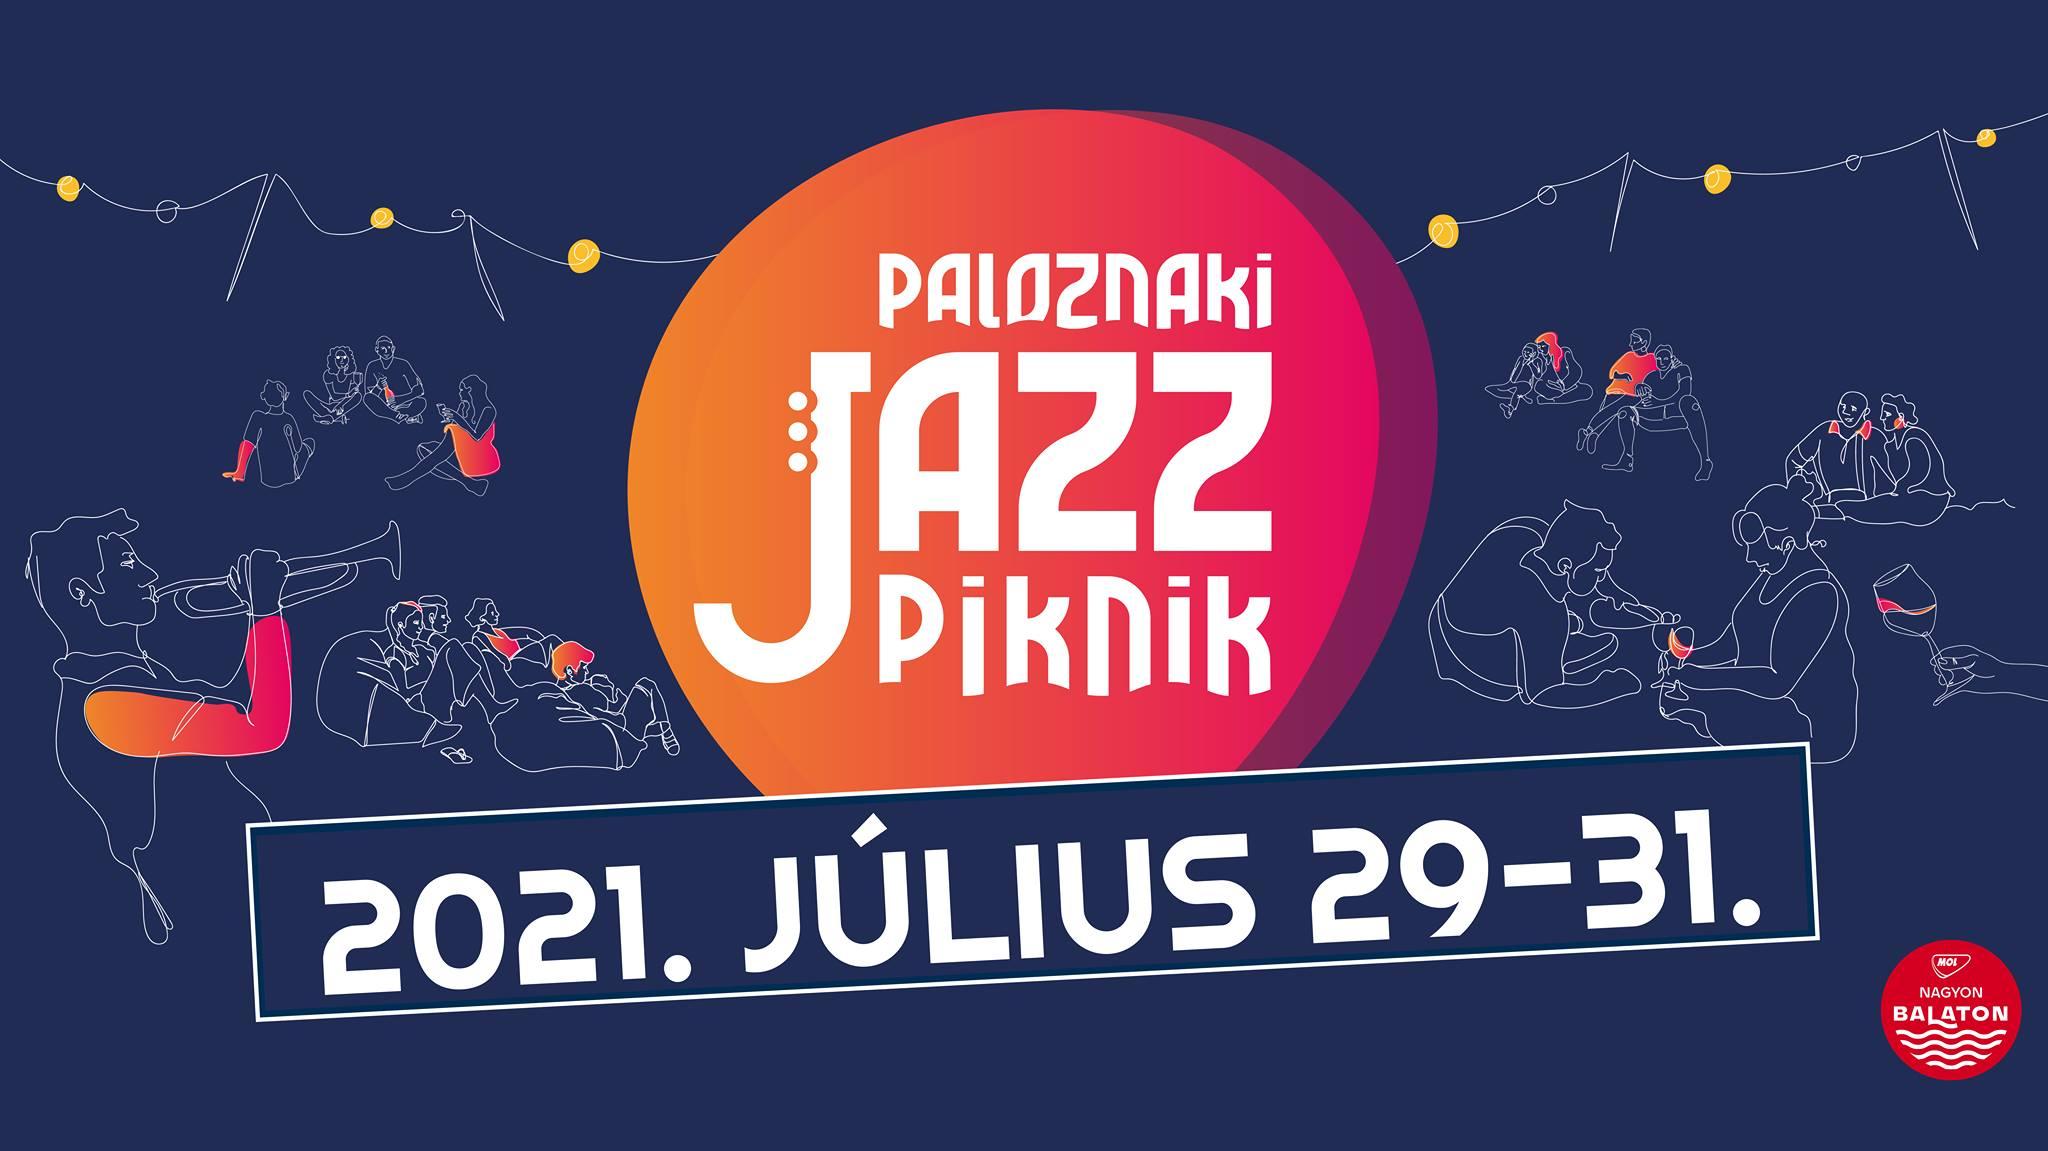 JazzPiknik július Július 29–31. között Paloznakon